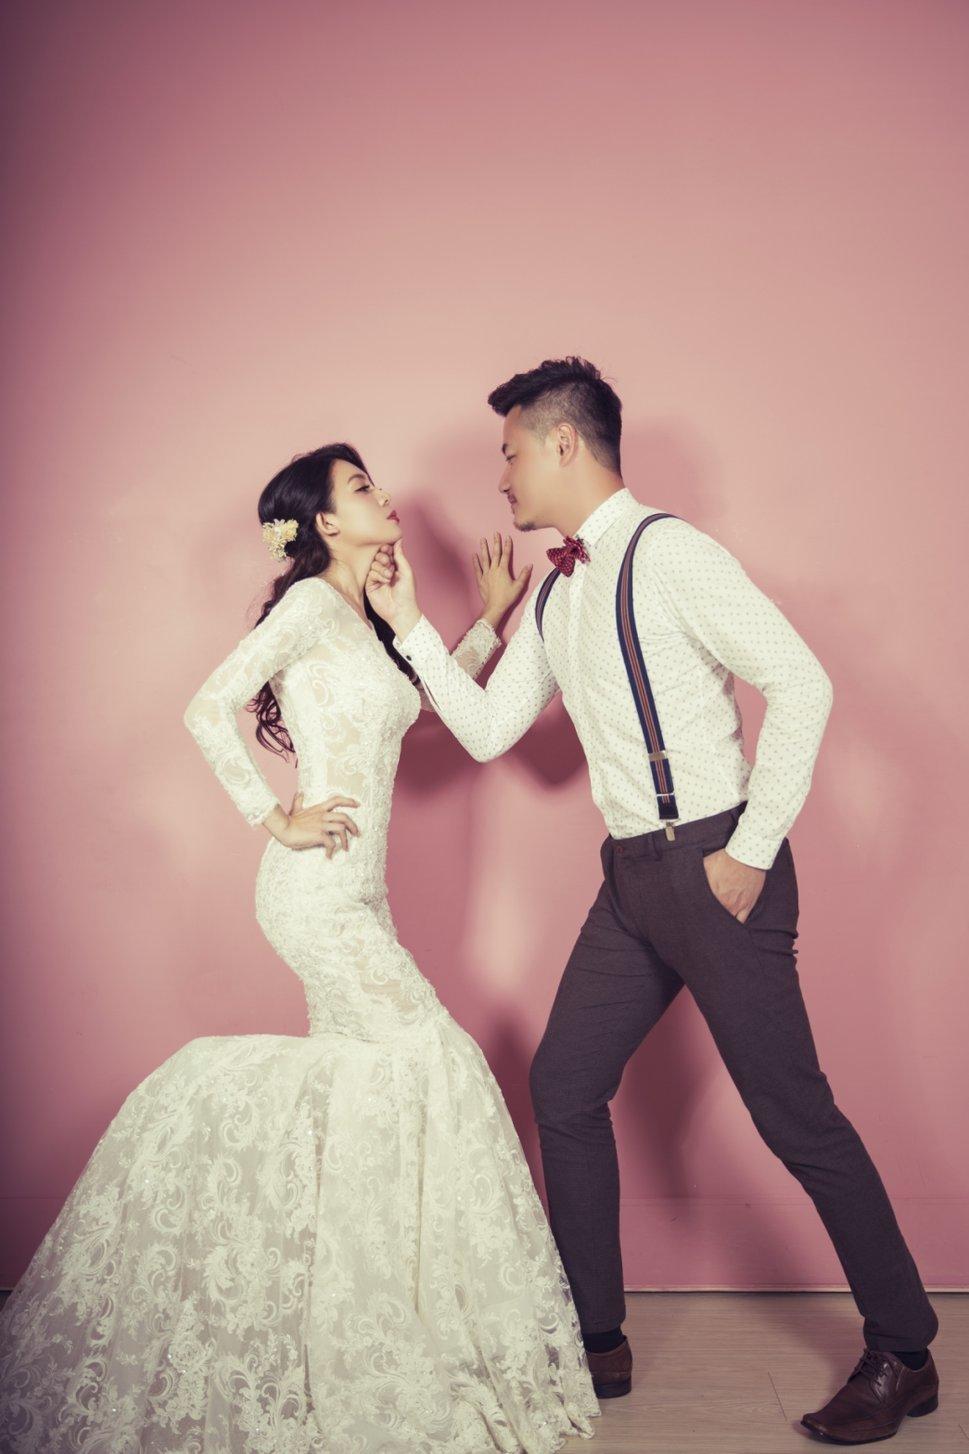 國內婚紗(編號:5266) - AC Photography - 結婚吧一站式婚禮服務平台